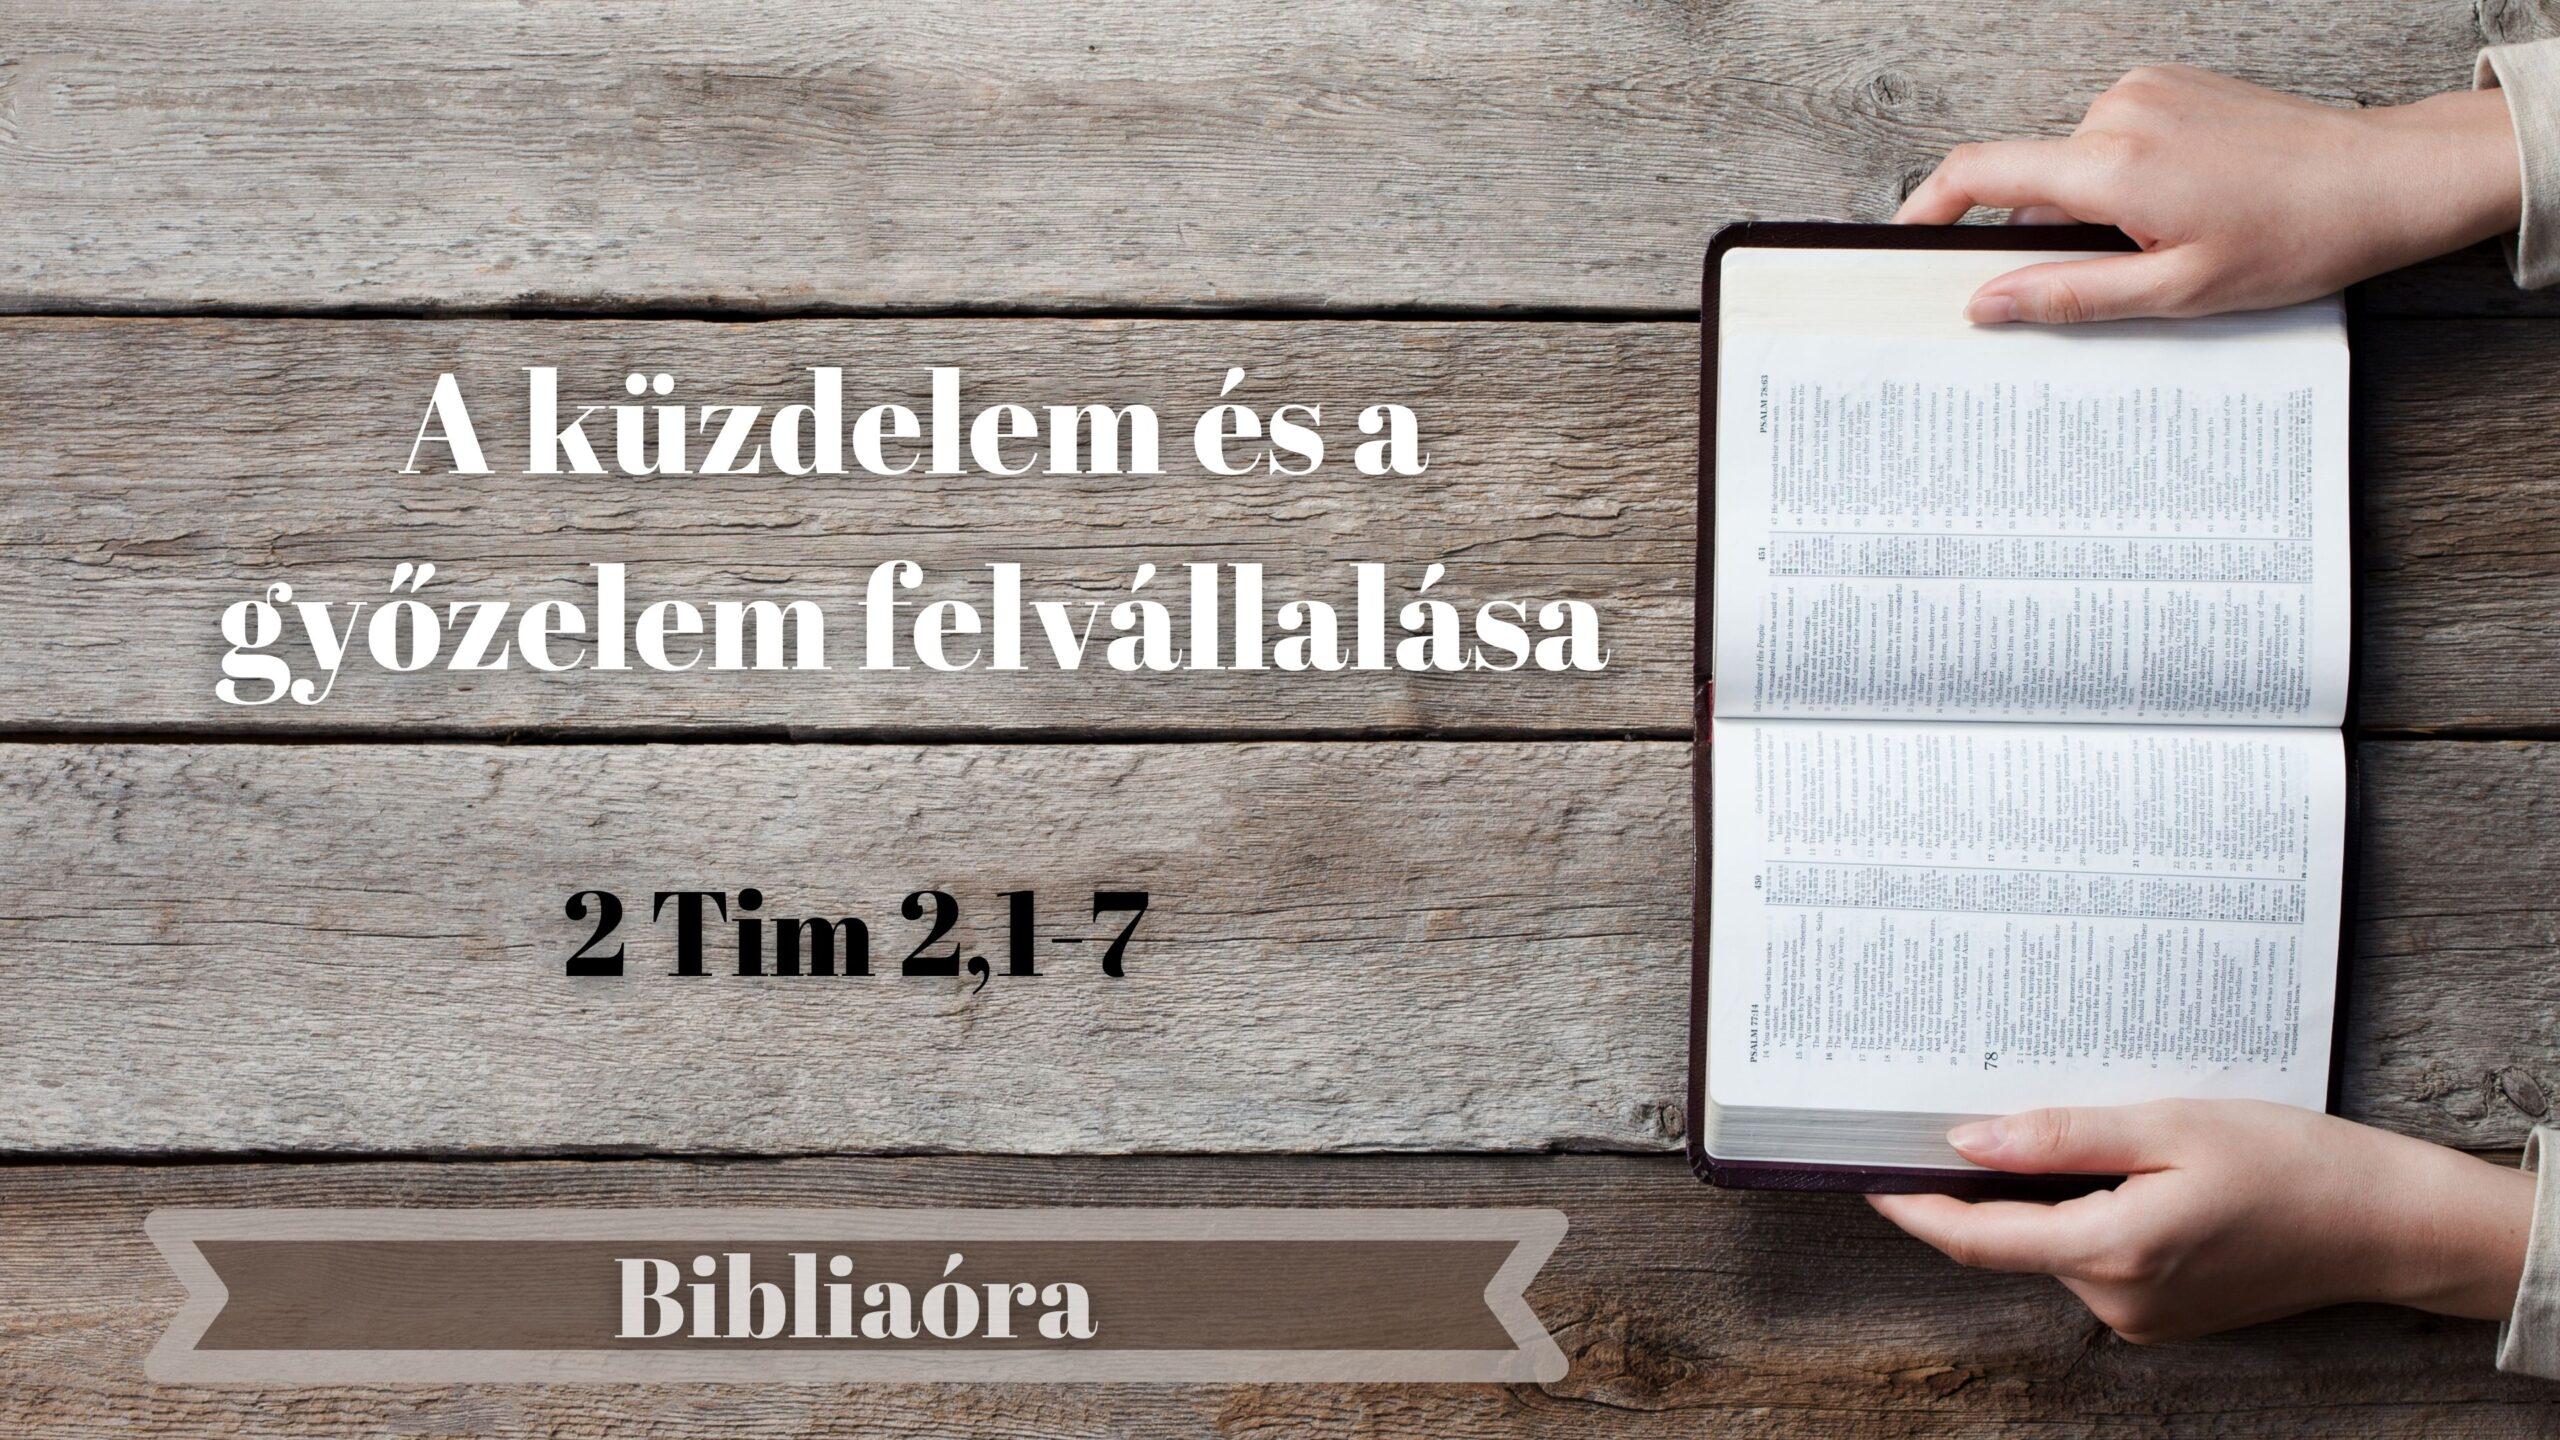 Bibliaóra: A küzdelem és a győzelem felvállalása